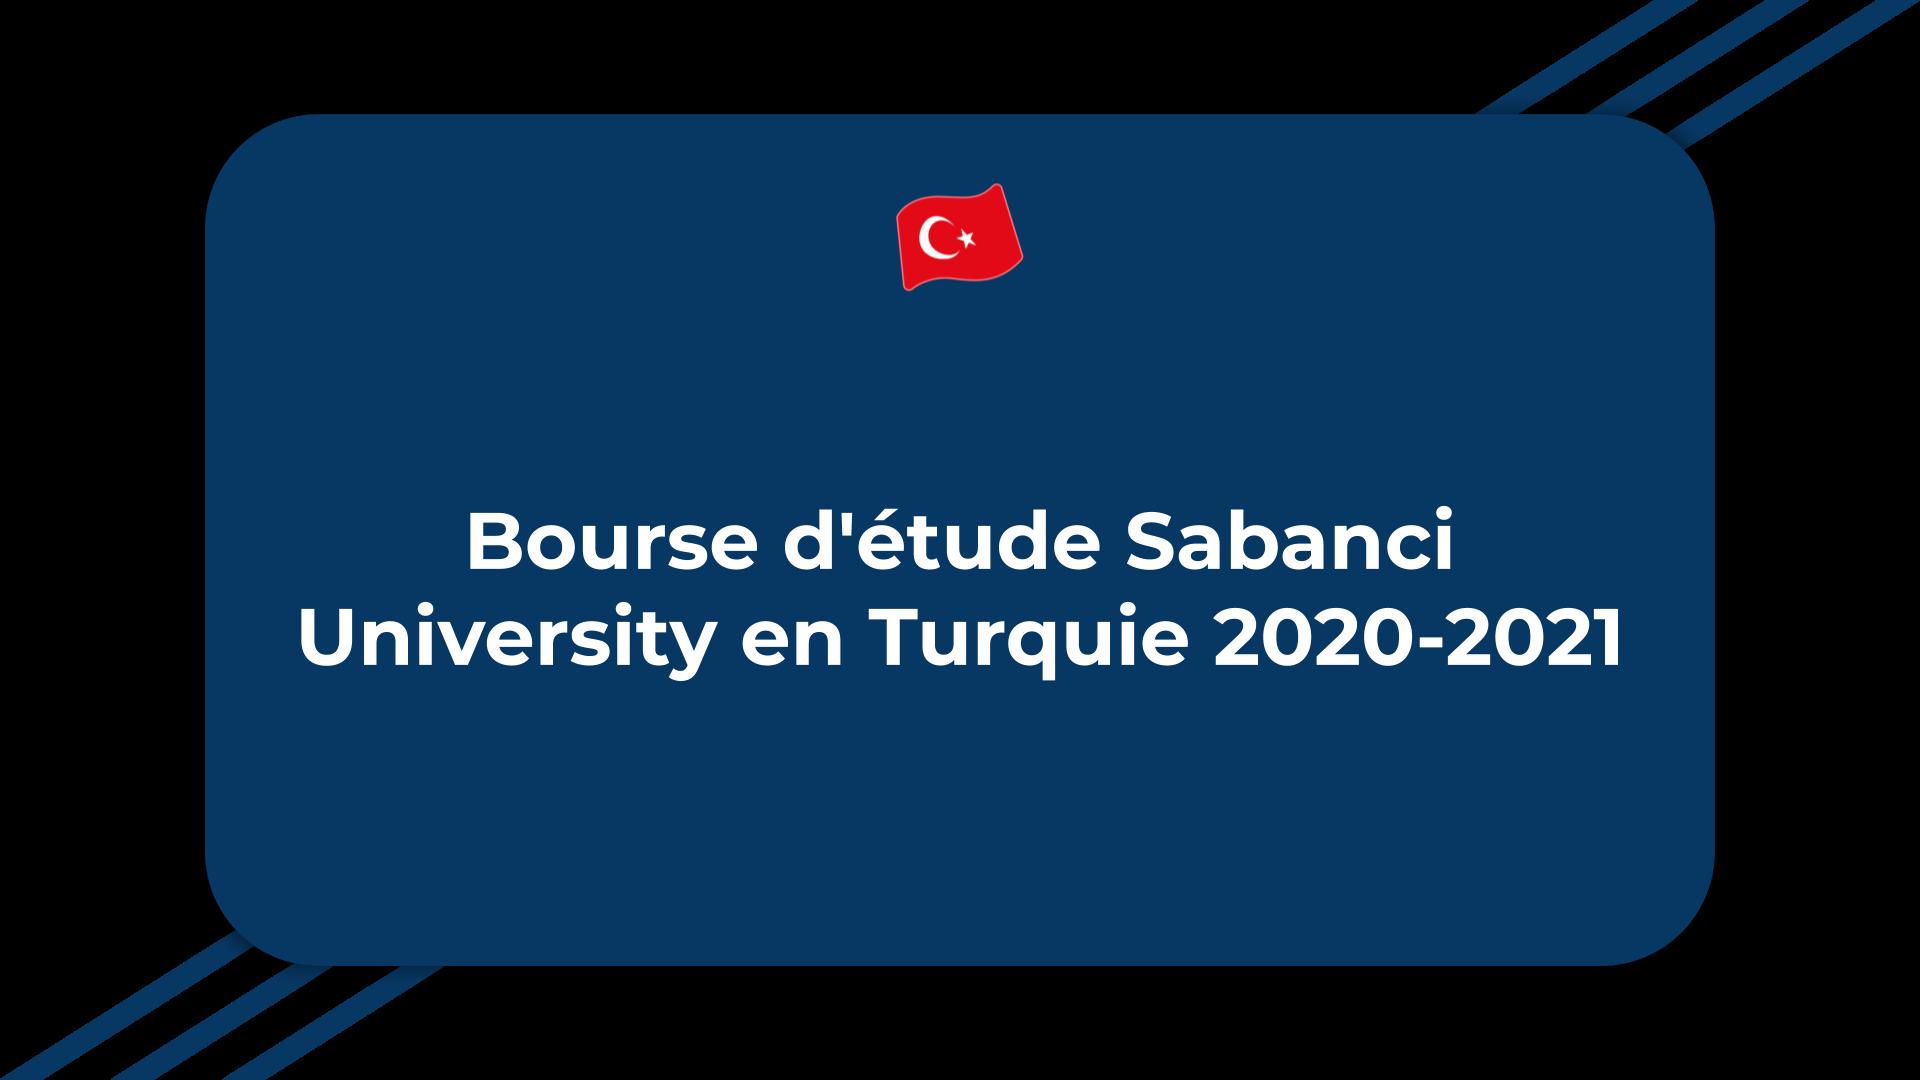 Bourse d'étude Sabanci University